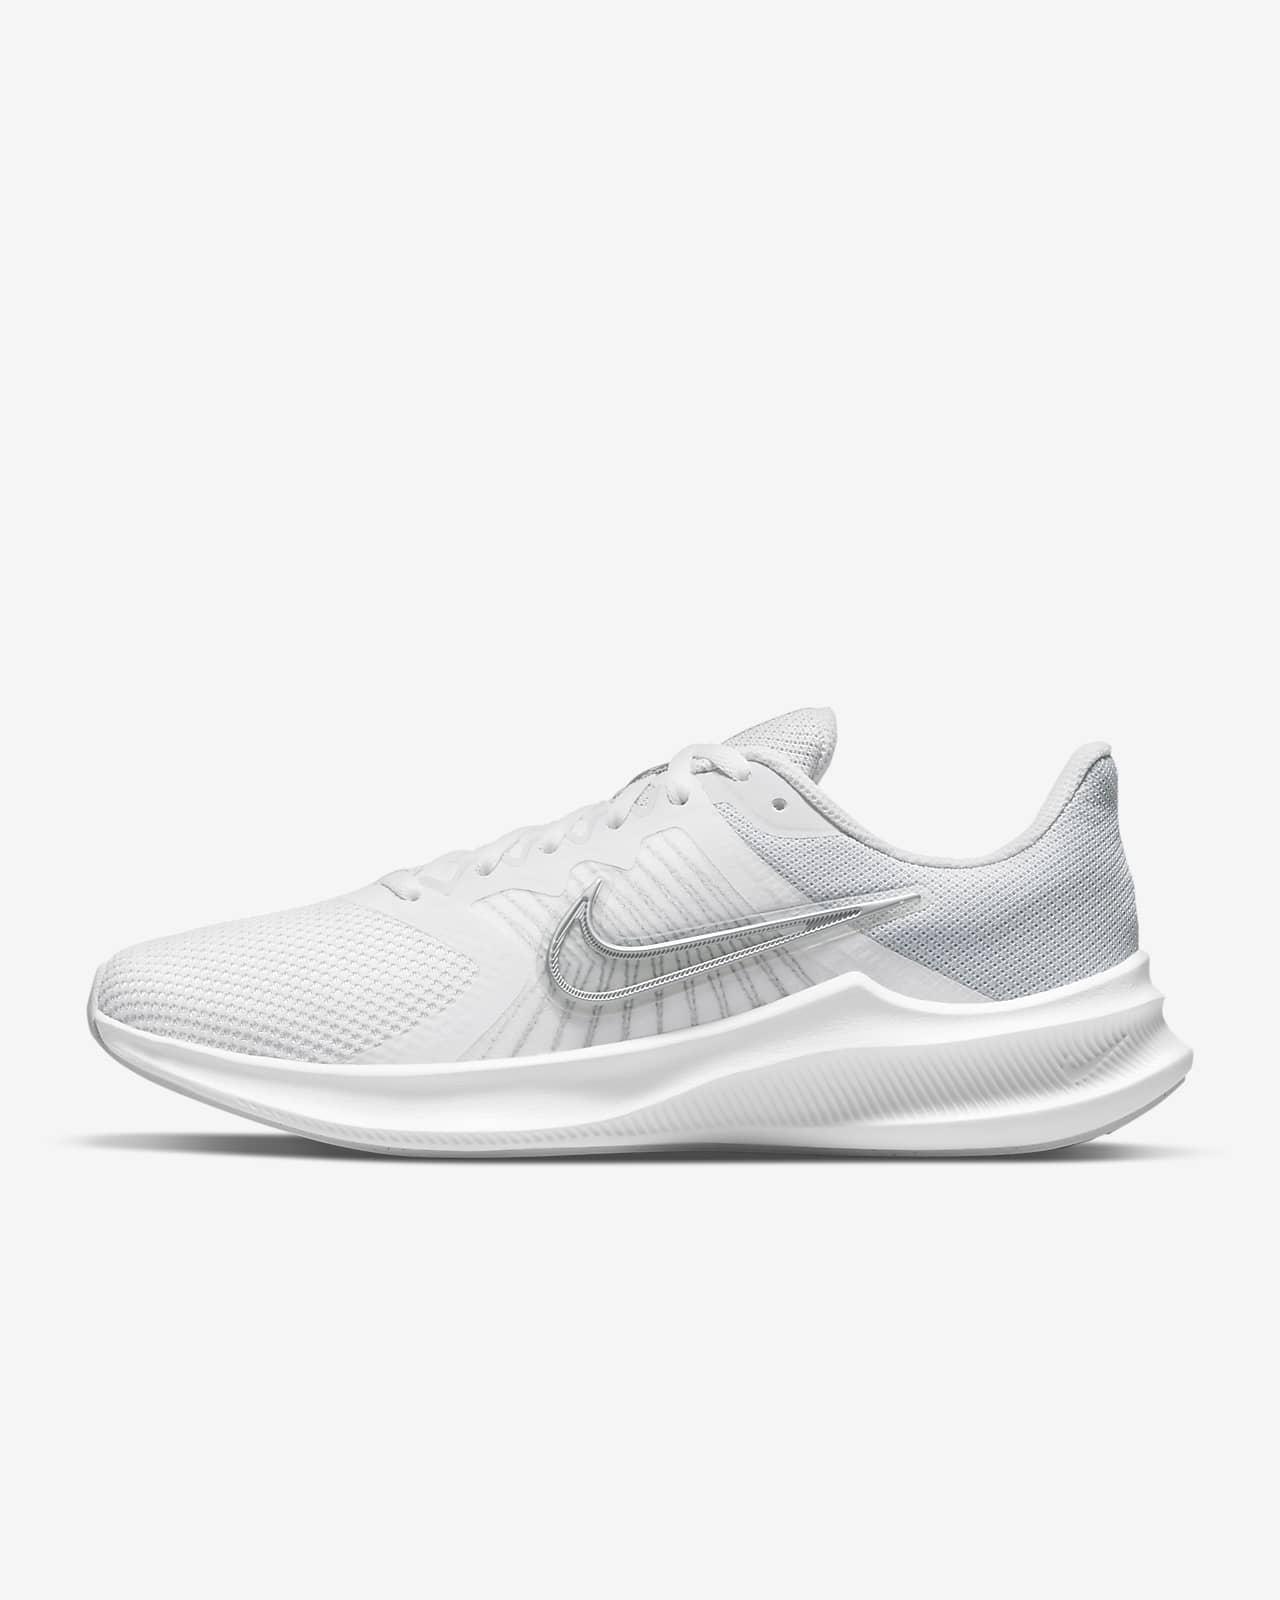 Nike Downshifter 11 Women's Road Running Shoes